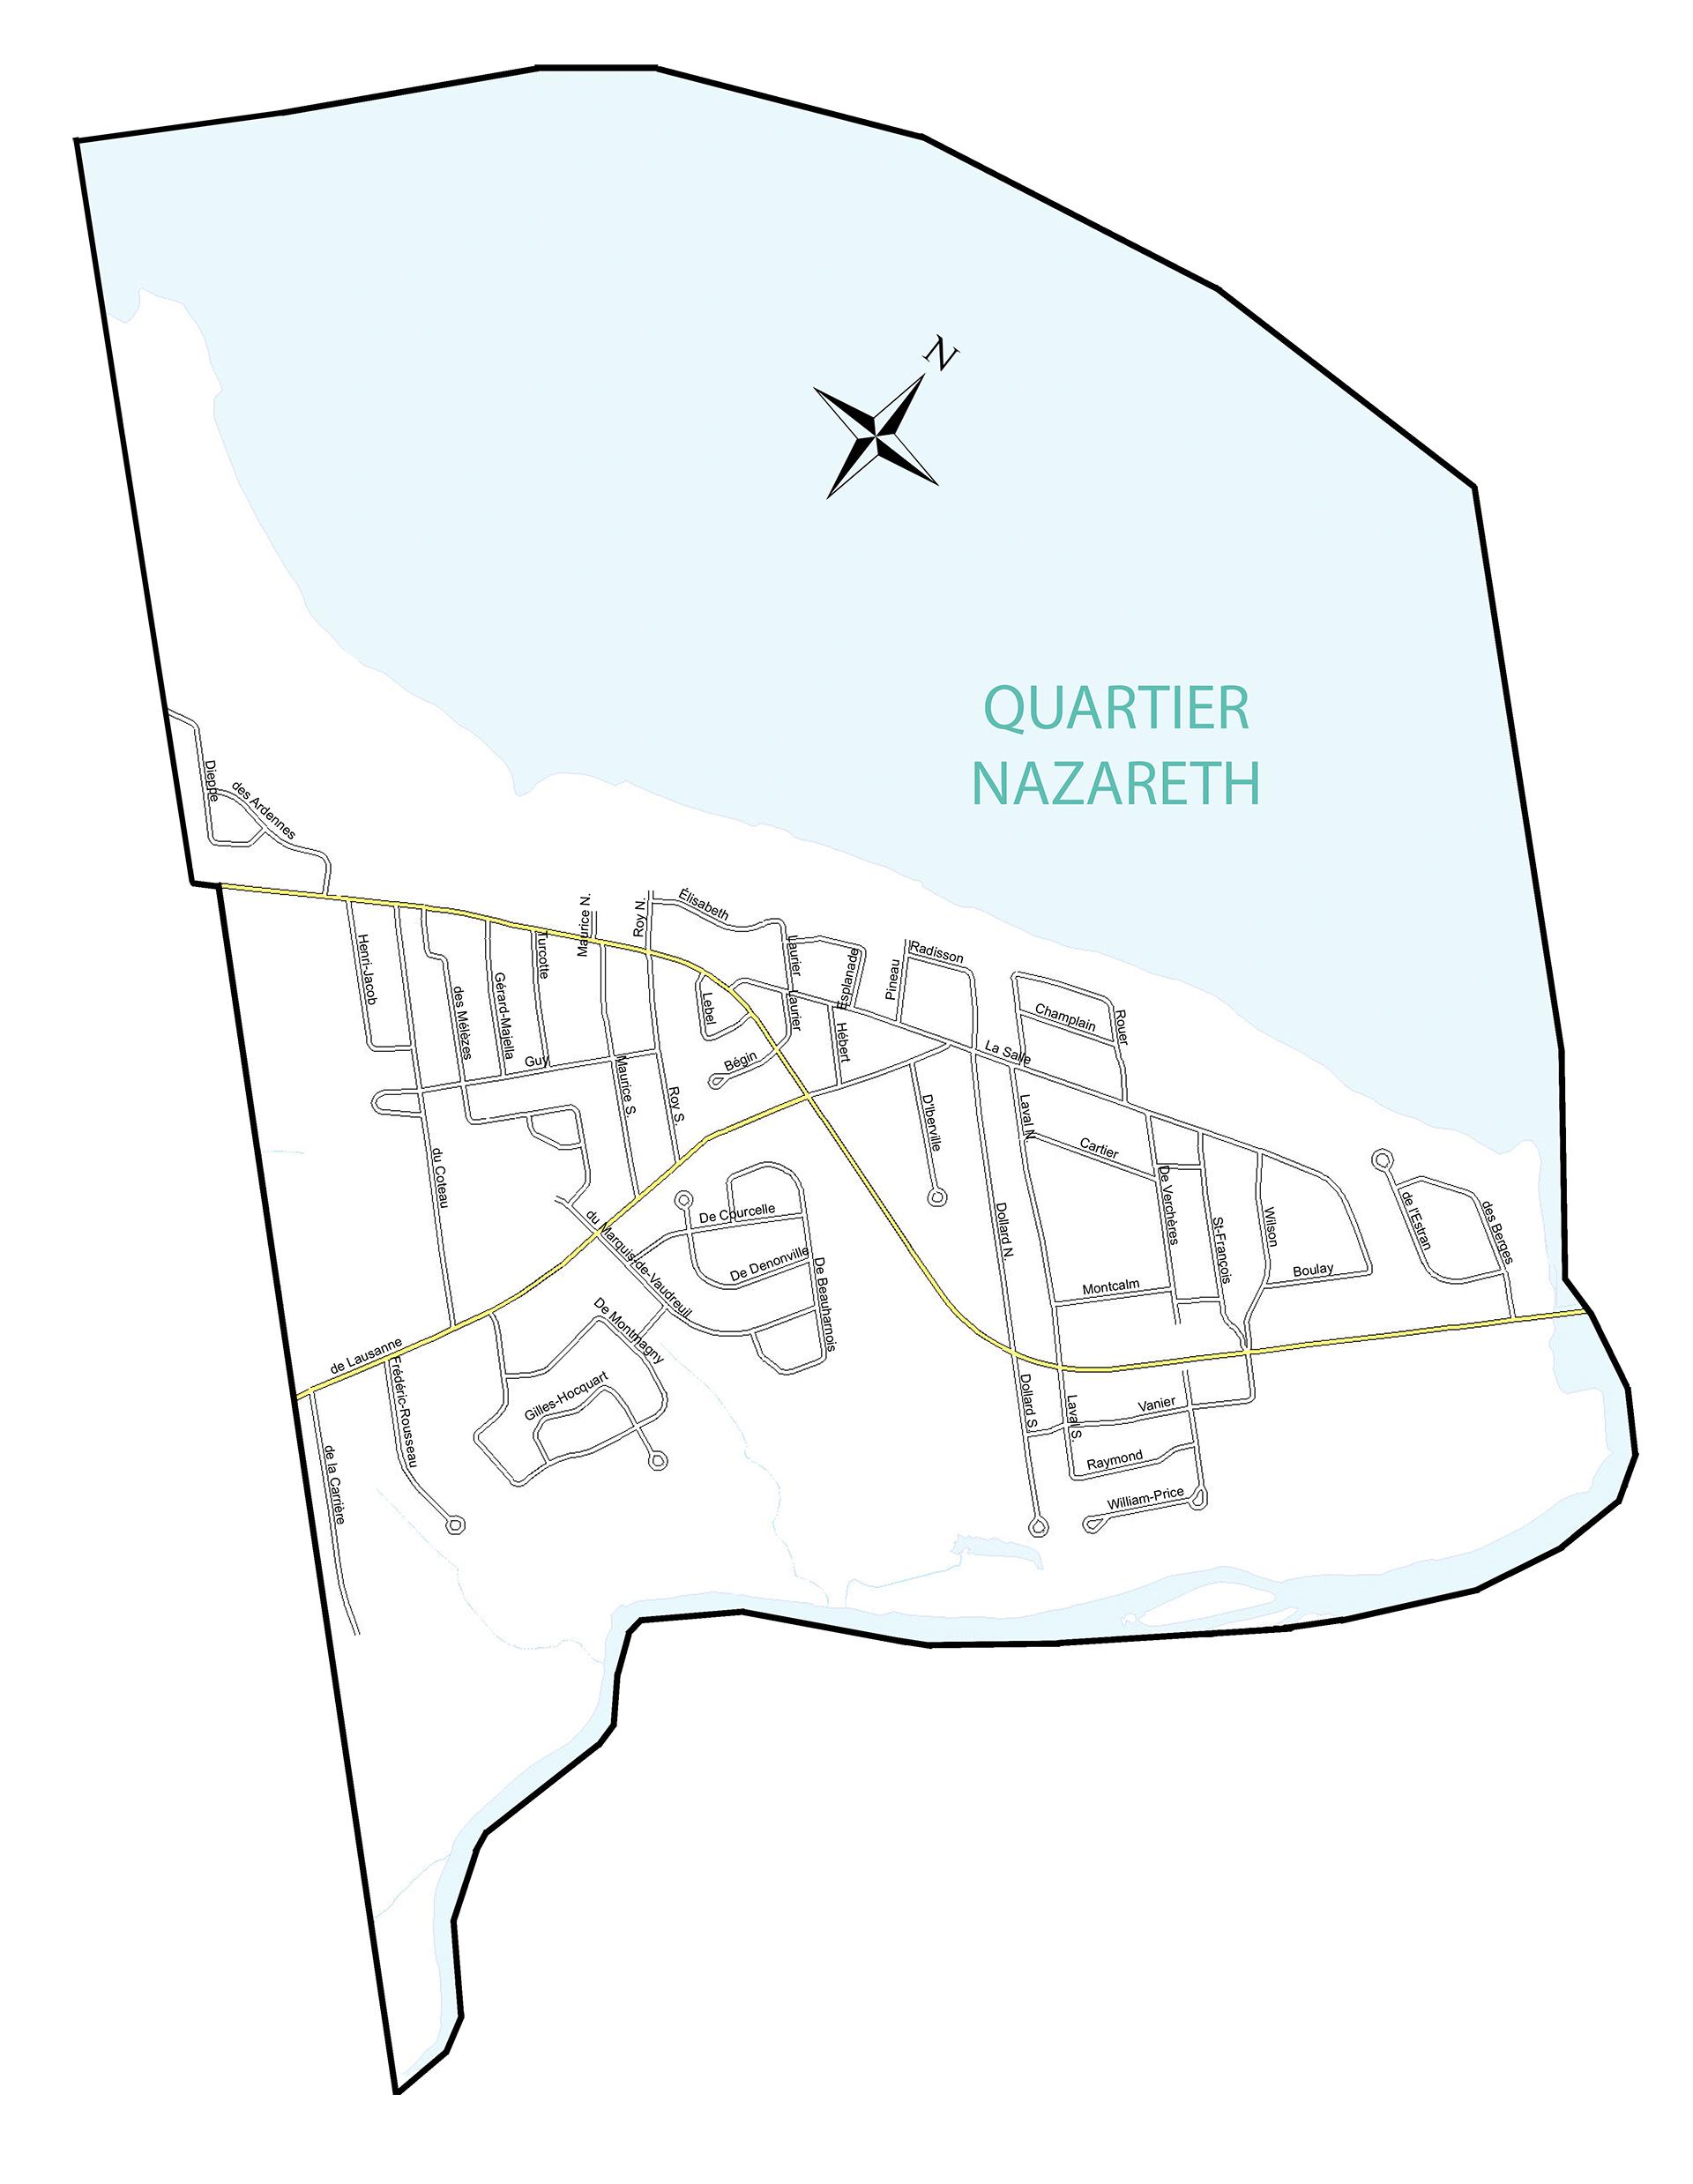 Nazareth ou paroisse L'Annonciation-de-la-Bienheureuse-Vierge-Marie-de-Nazareth